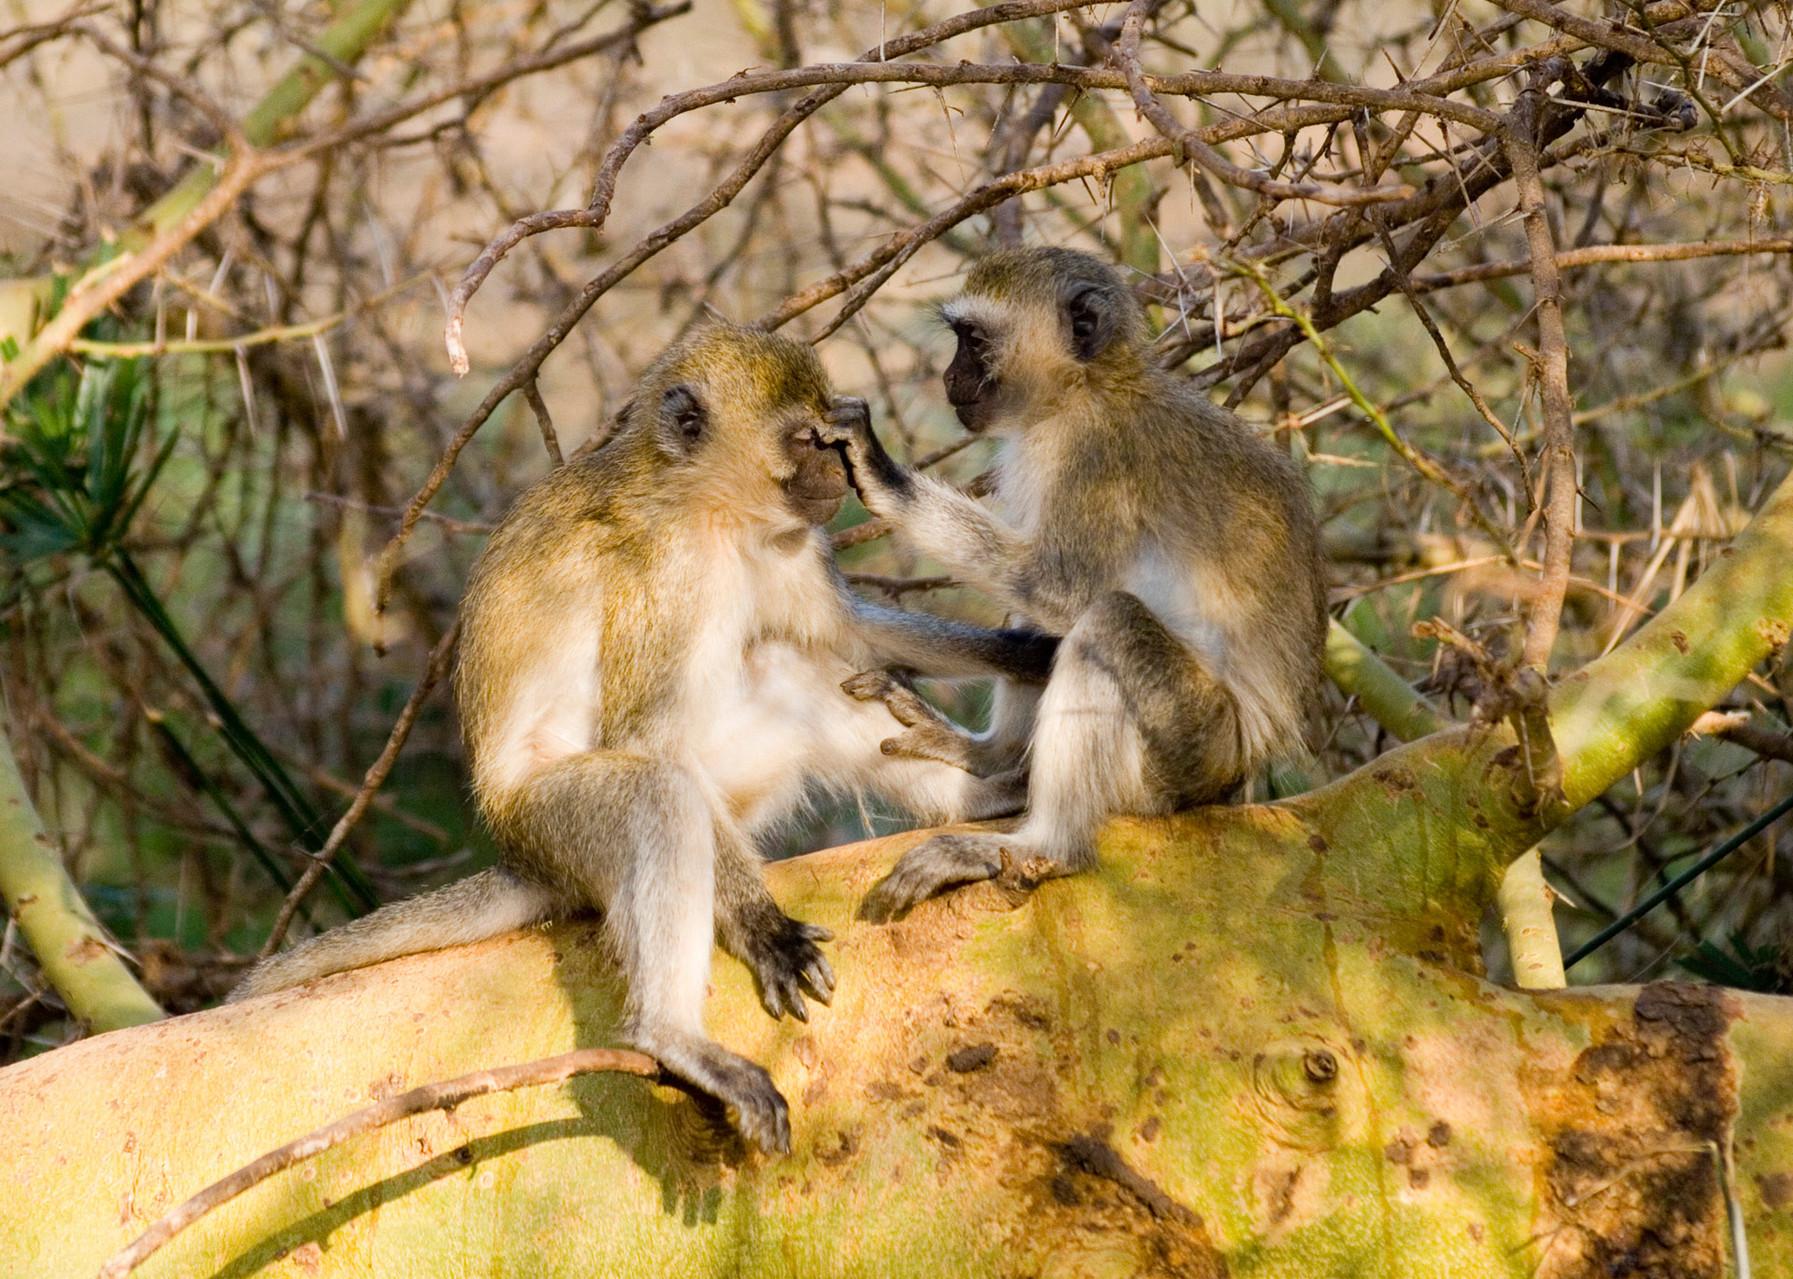 Velvet monkeys